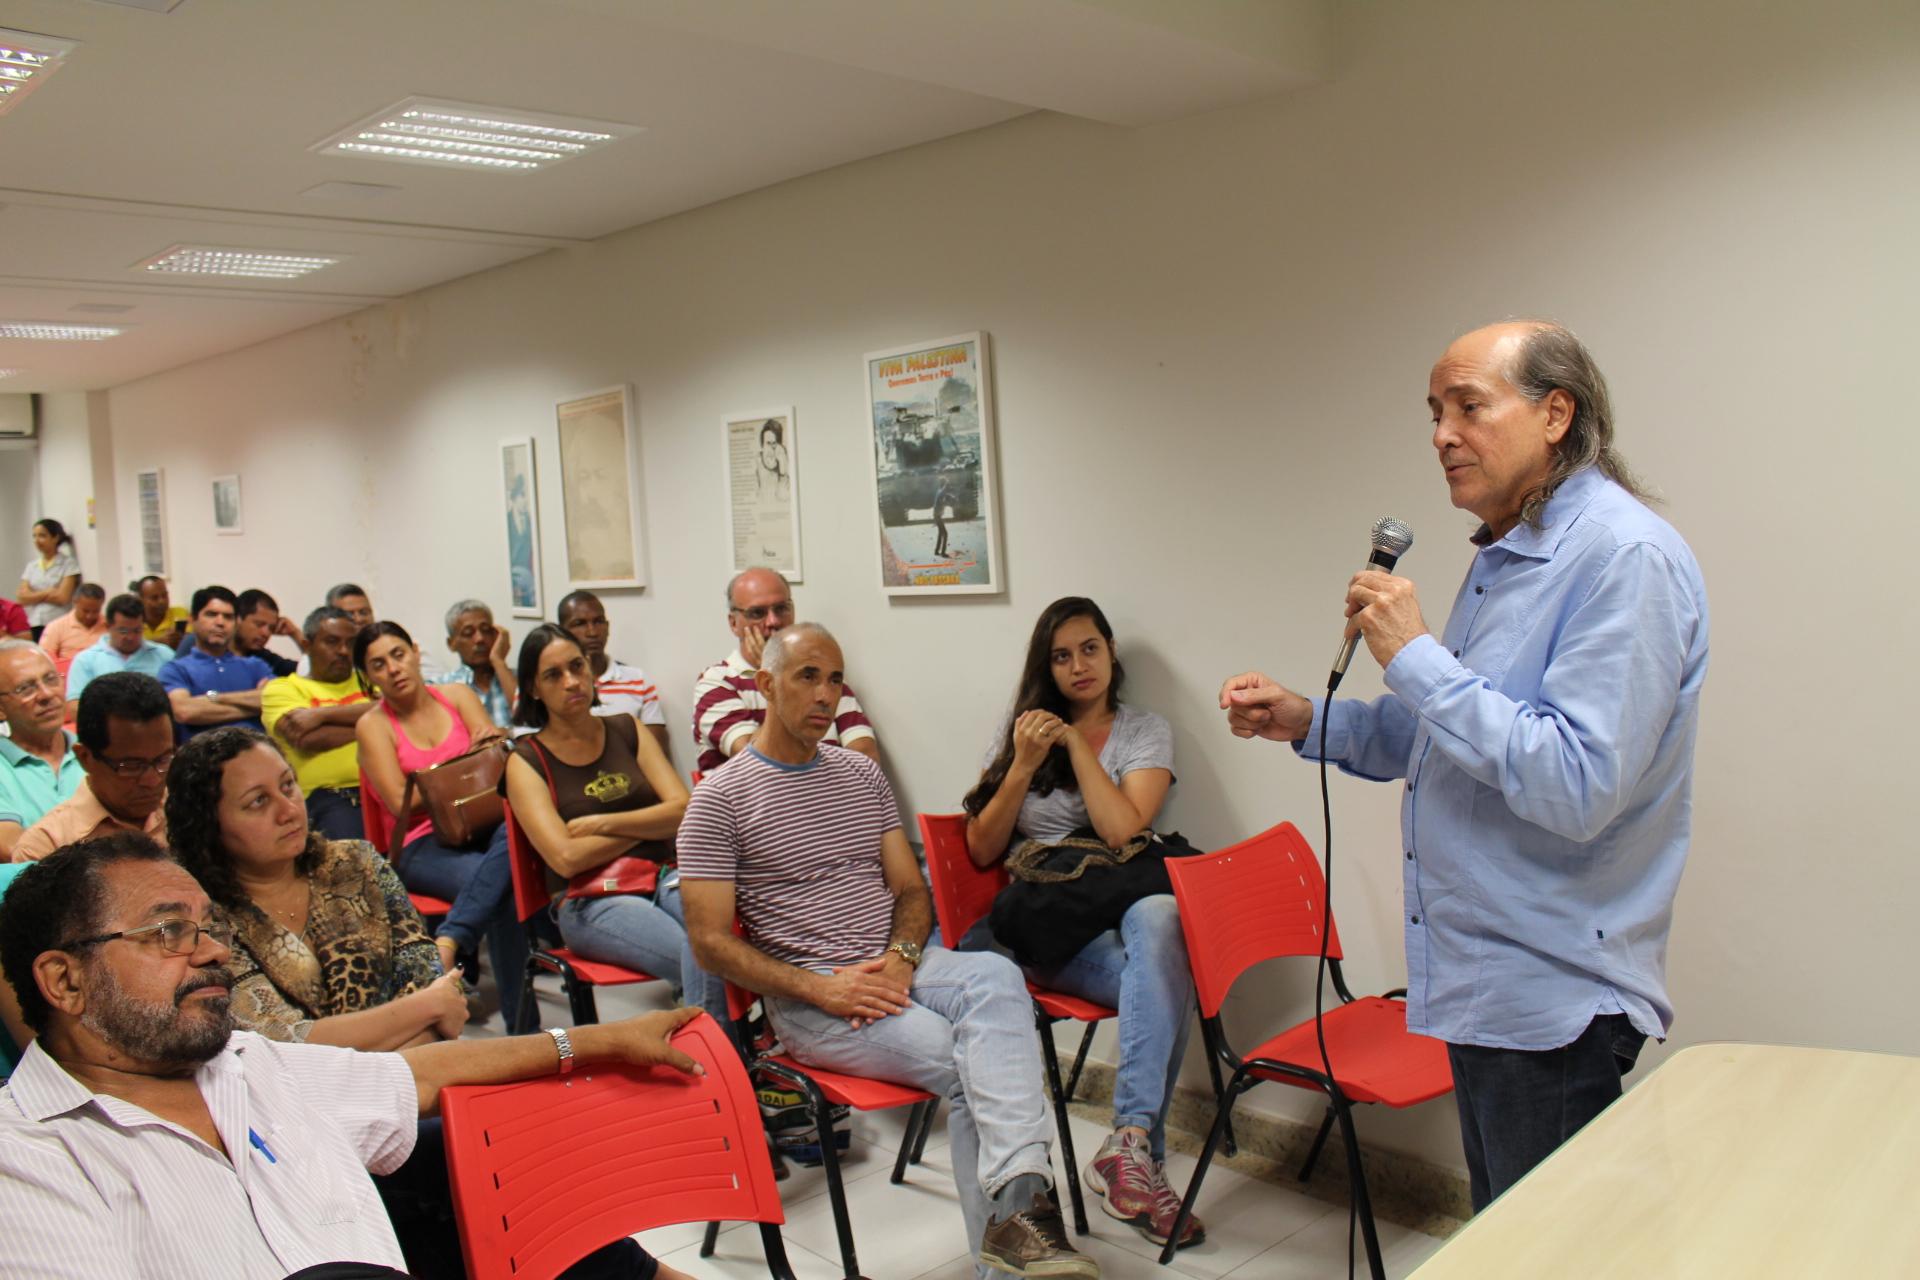 O reitor naomar, em pé à direita na imagem, fala ao microfone para a plateia, que está sentada em cadeiras dispostas em filas.